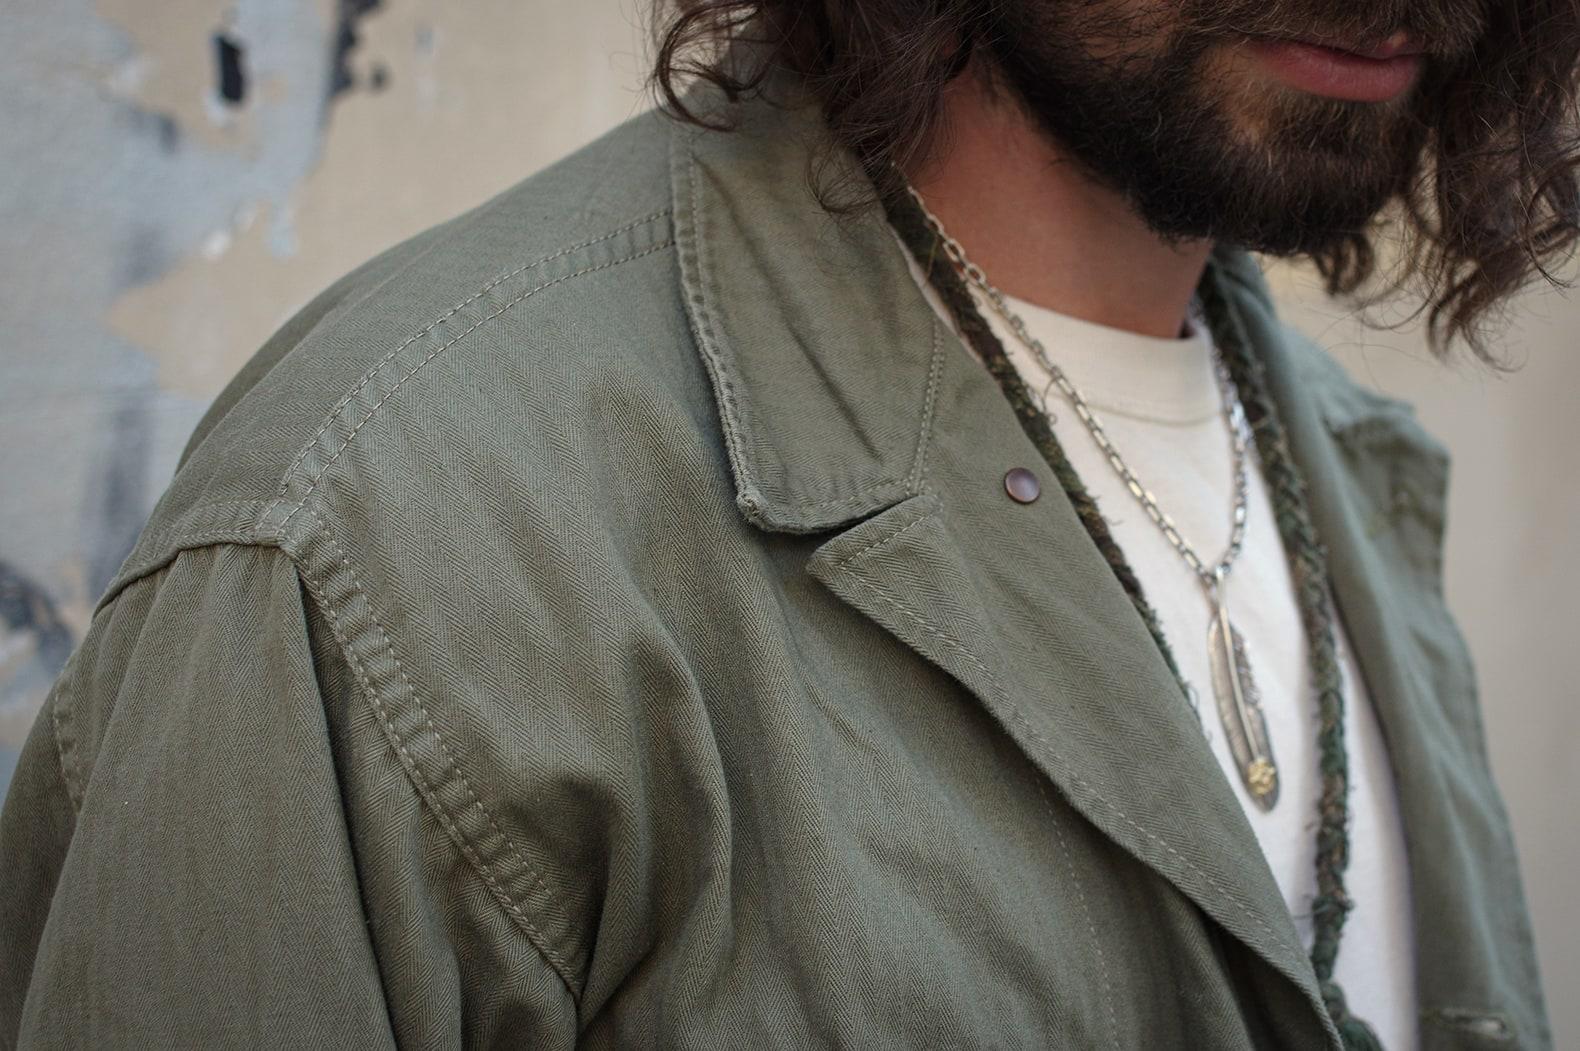 chemise militaire homme mode avec colleir en argent et plume en or